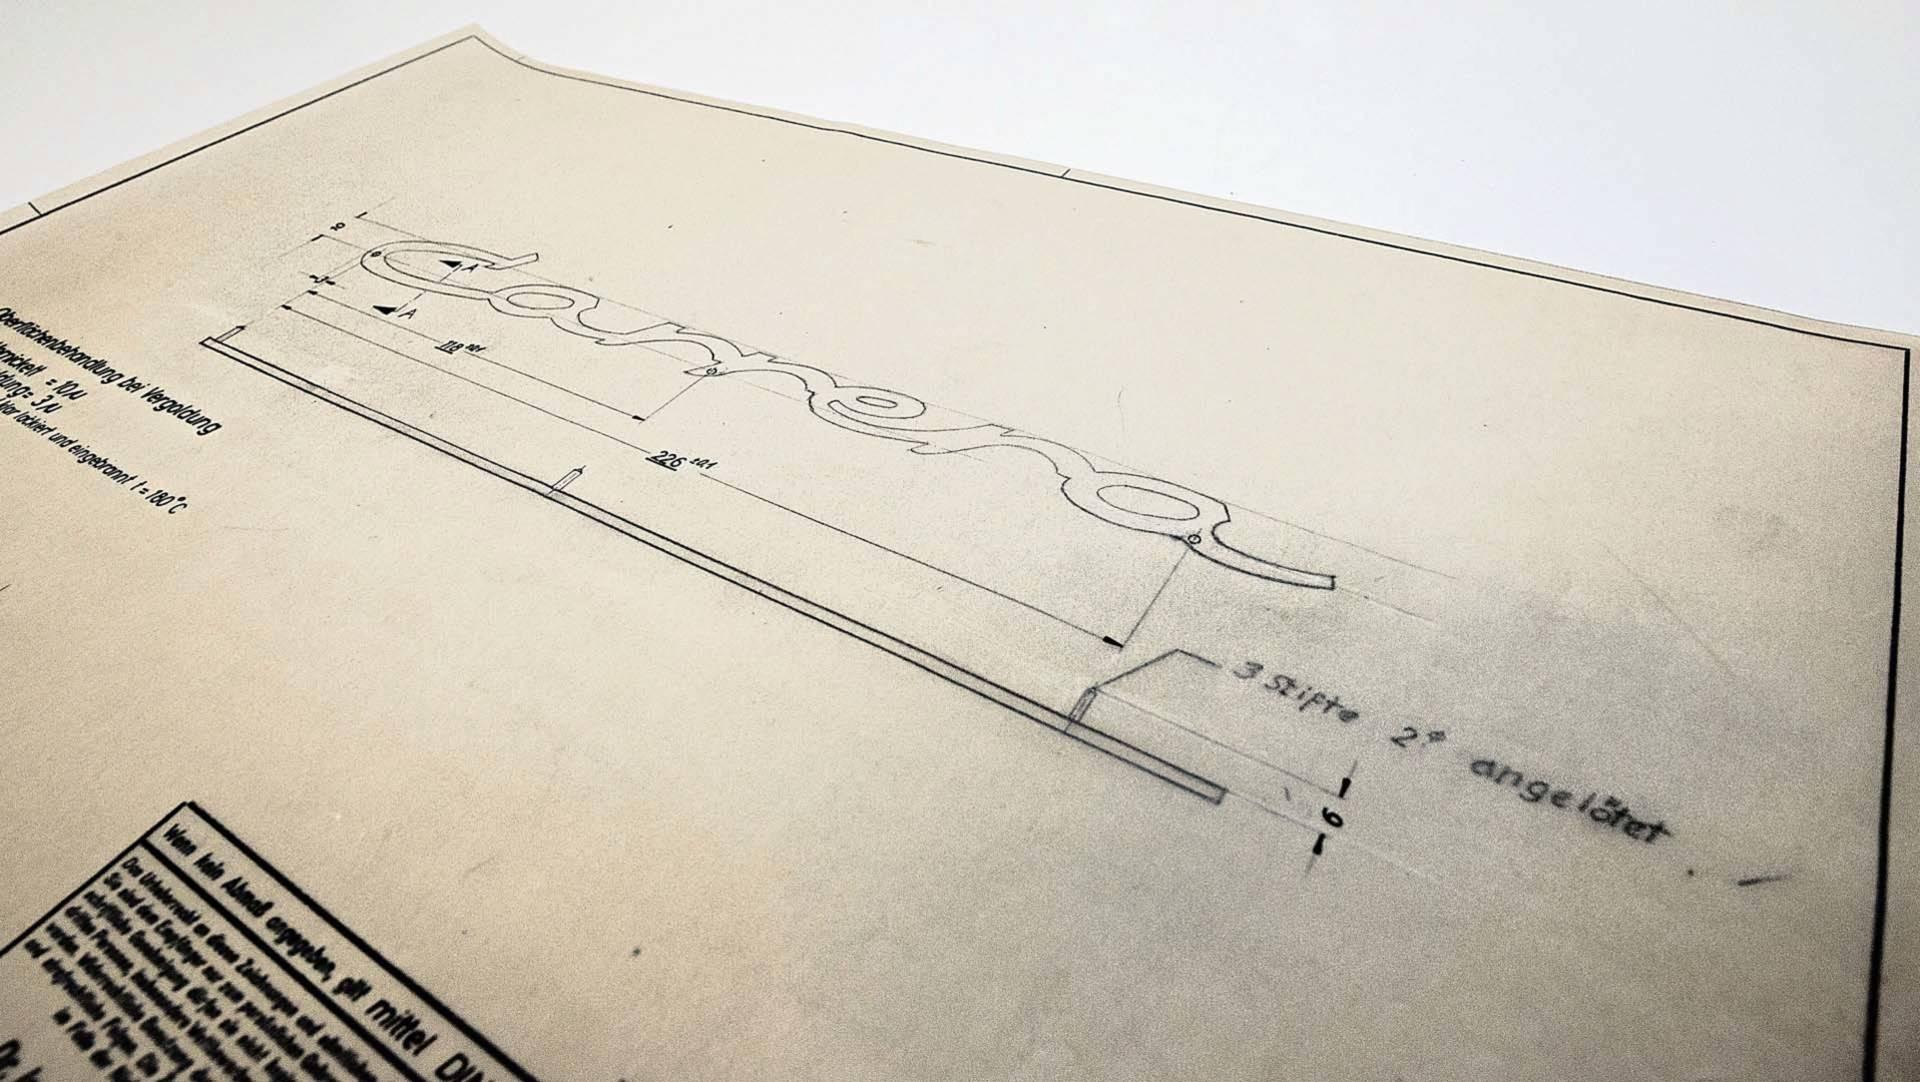 Porsche Design Drawings (7)